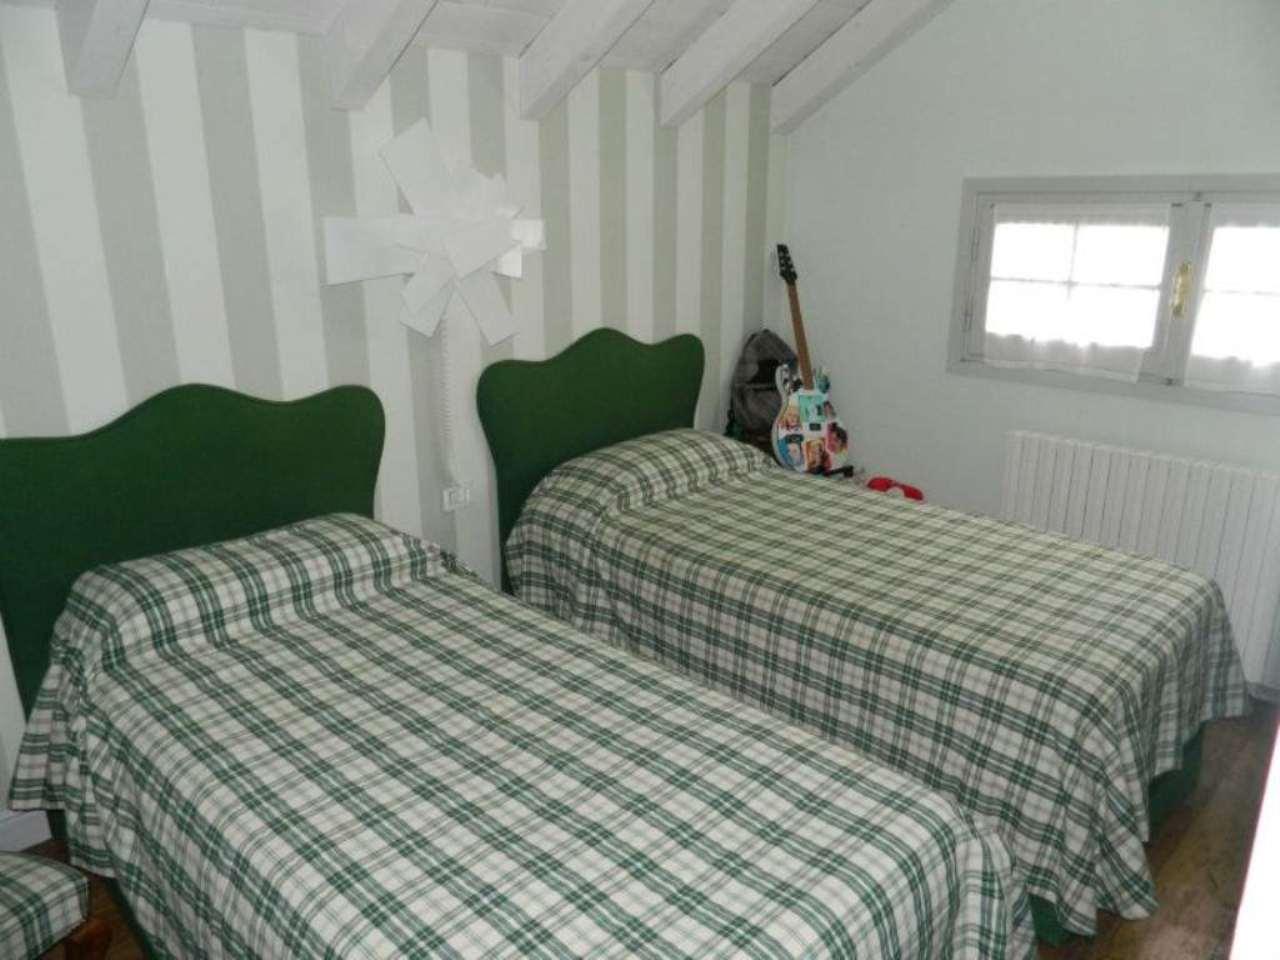 Villa in Vendita a Meina: 5 locali, 150 mq - Foto 6